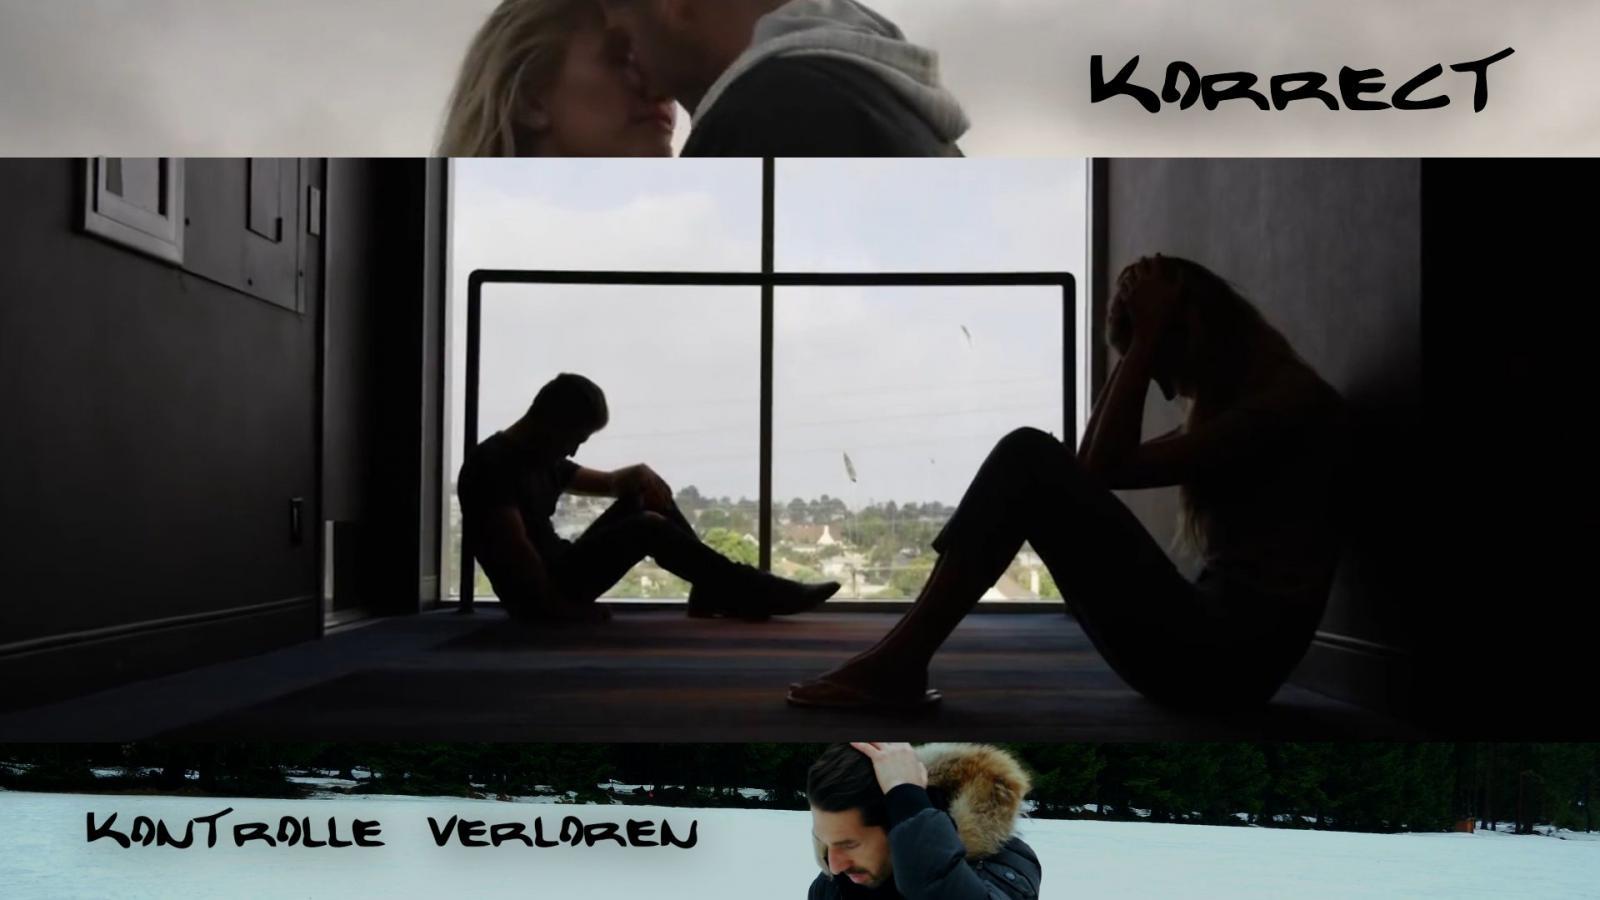 Upcoming: Korrect - Kontrolle Verloren